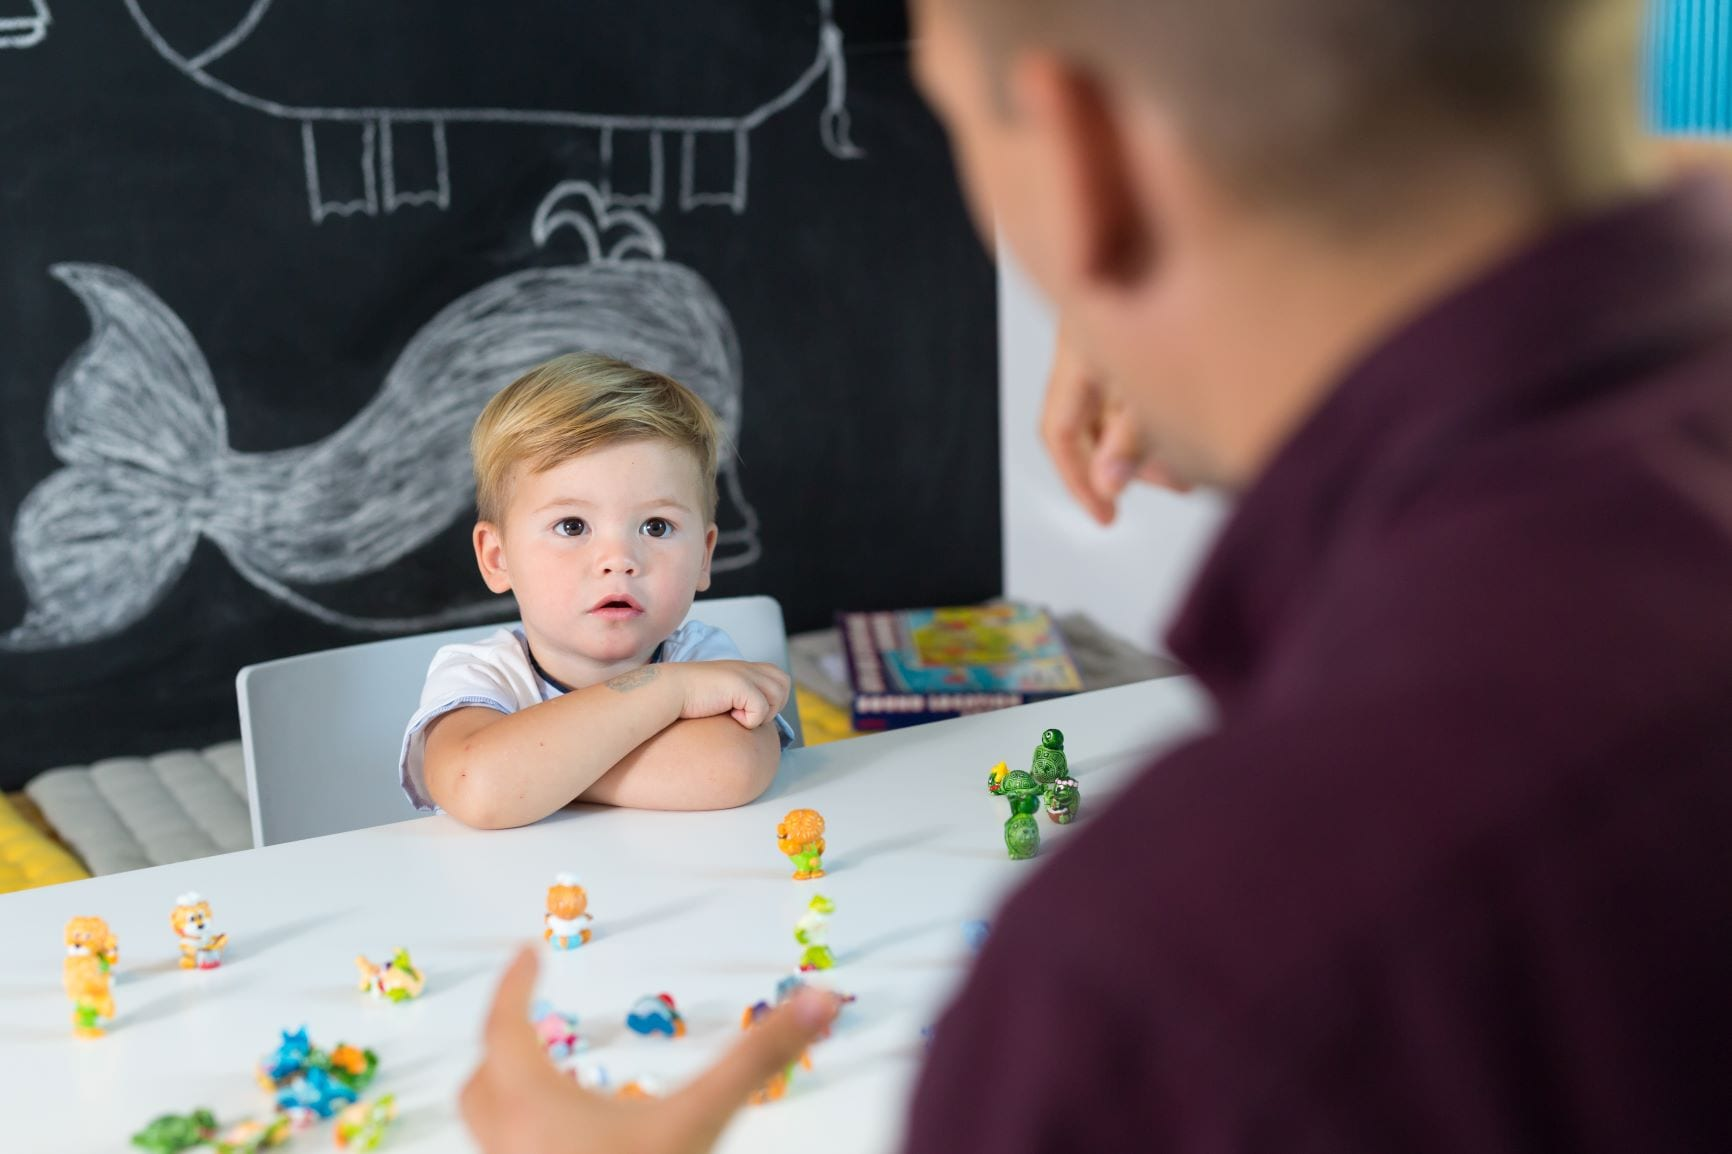 psicologia brincar crianças